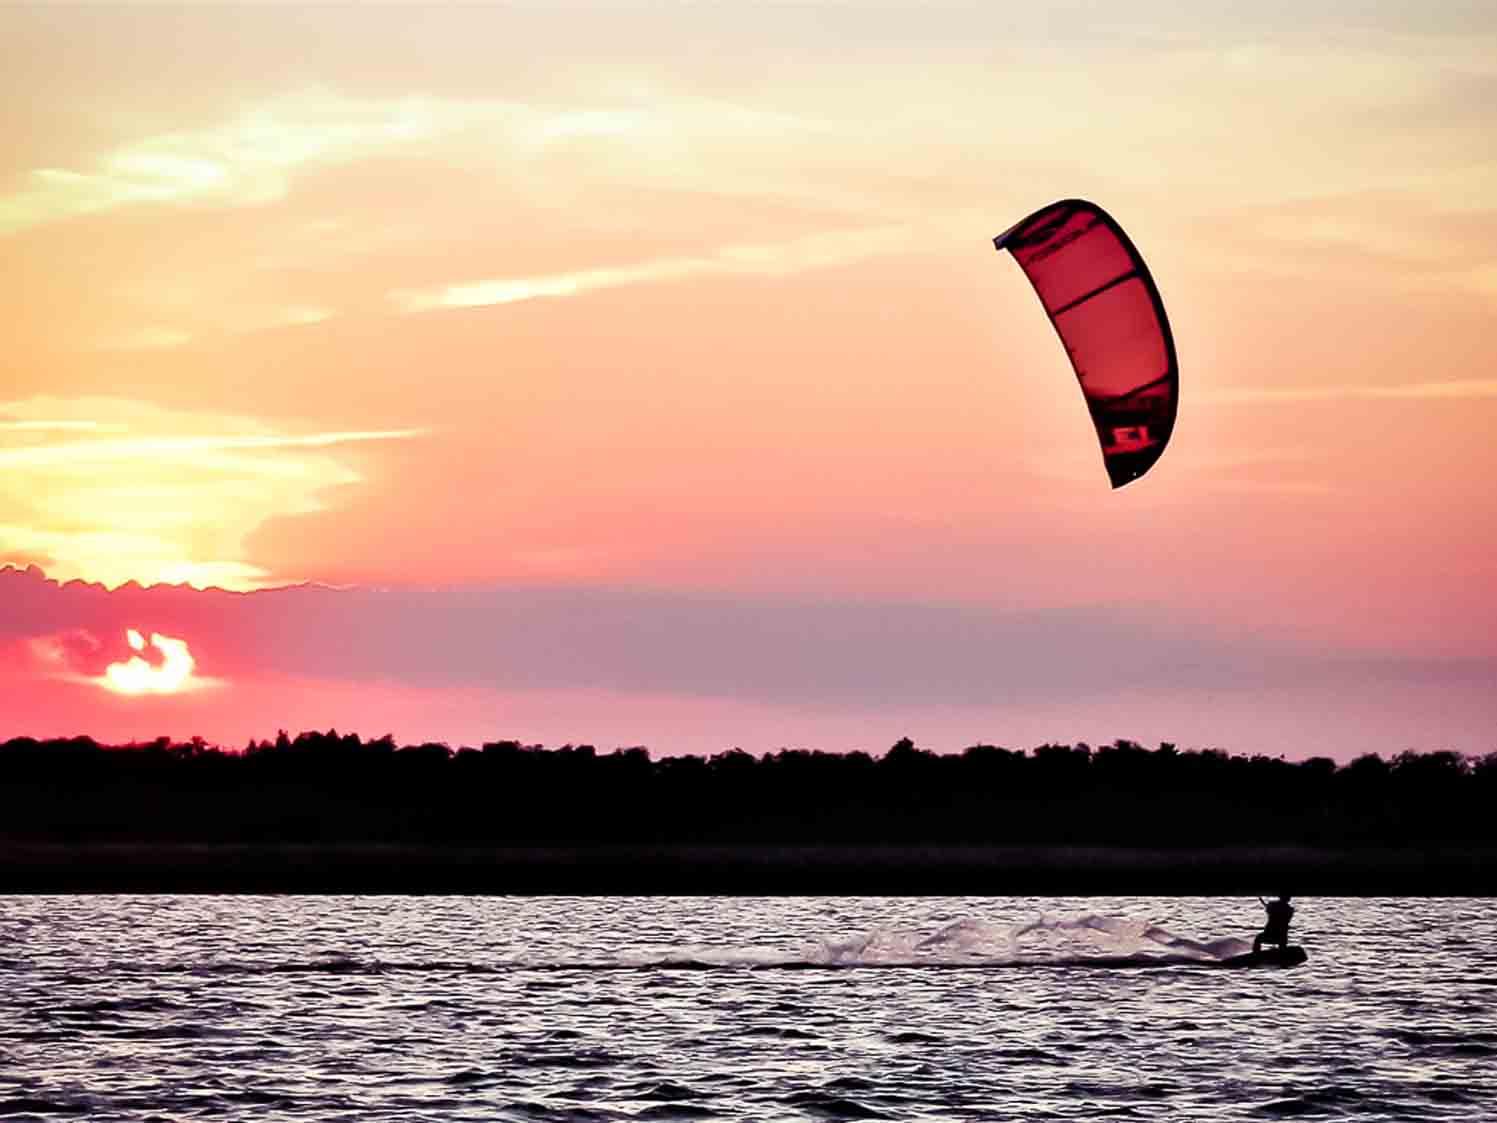 Kiten Ostsee Sonnenuntergang